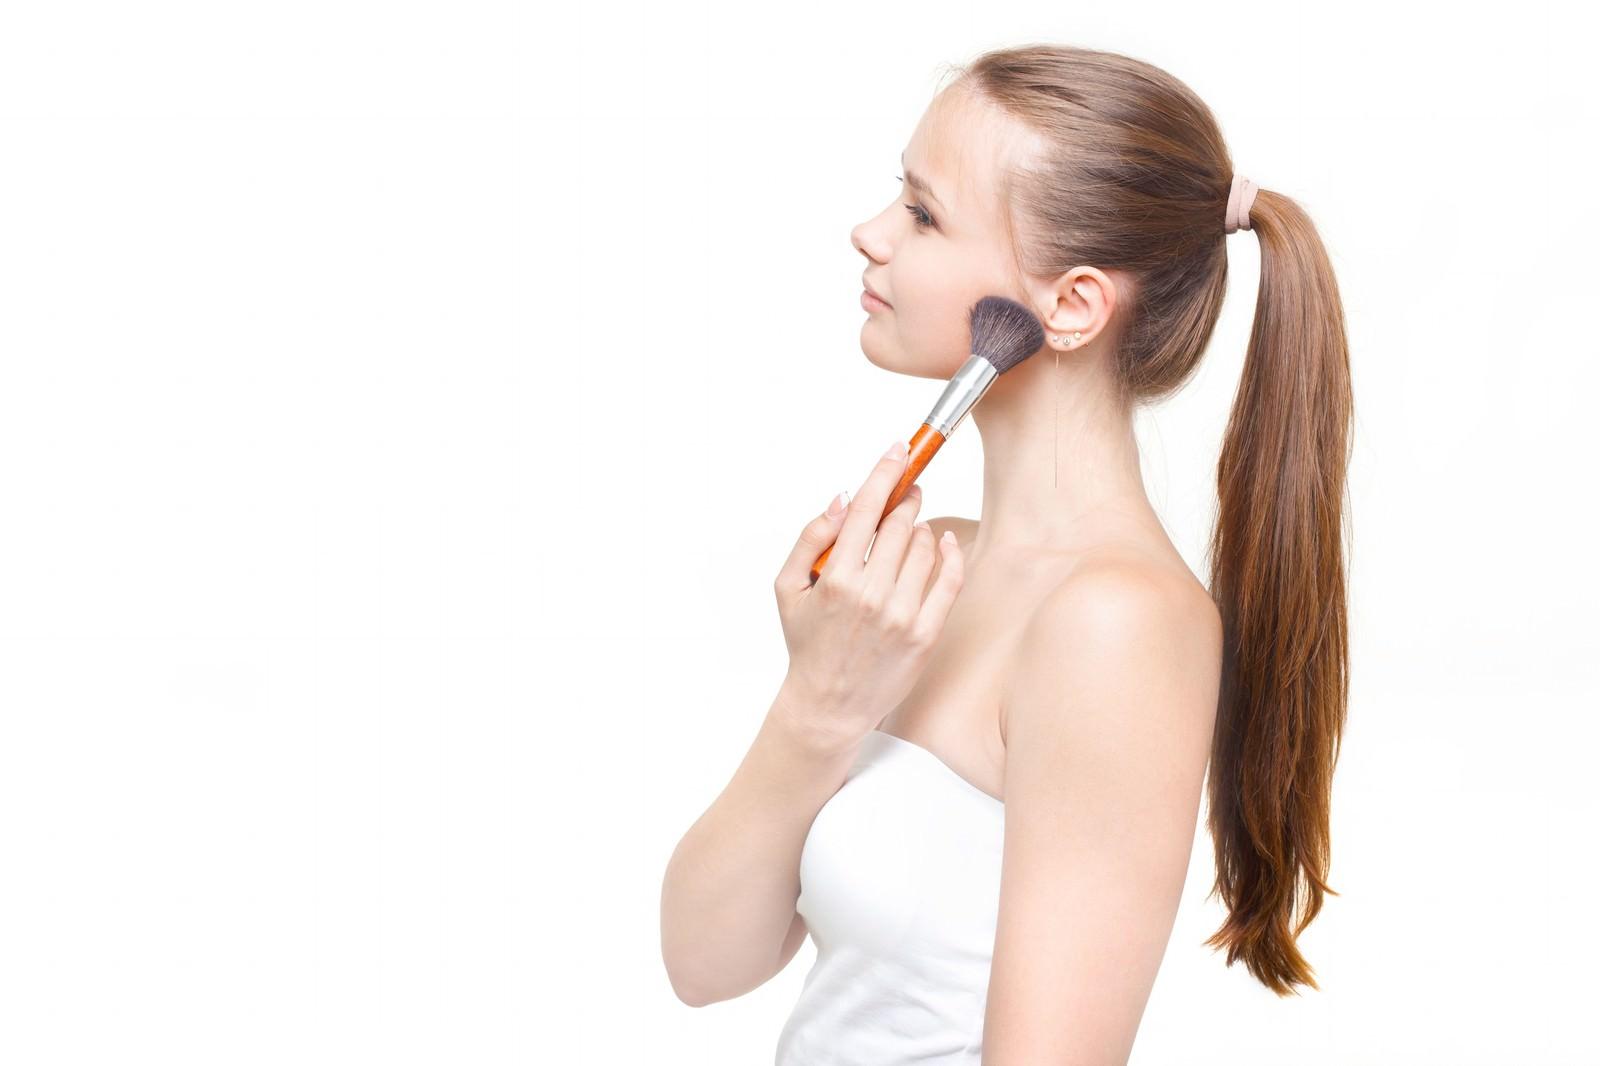 「顎にチークブラシを当てる横顔の外国人女性顎にチークブラシを当てる横顔の外国人女性」[モデル:モデルファクトリー]のフリー写真素材を拡大